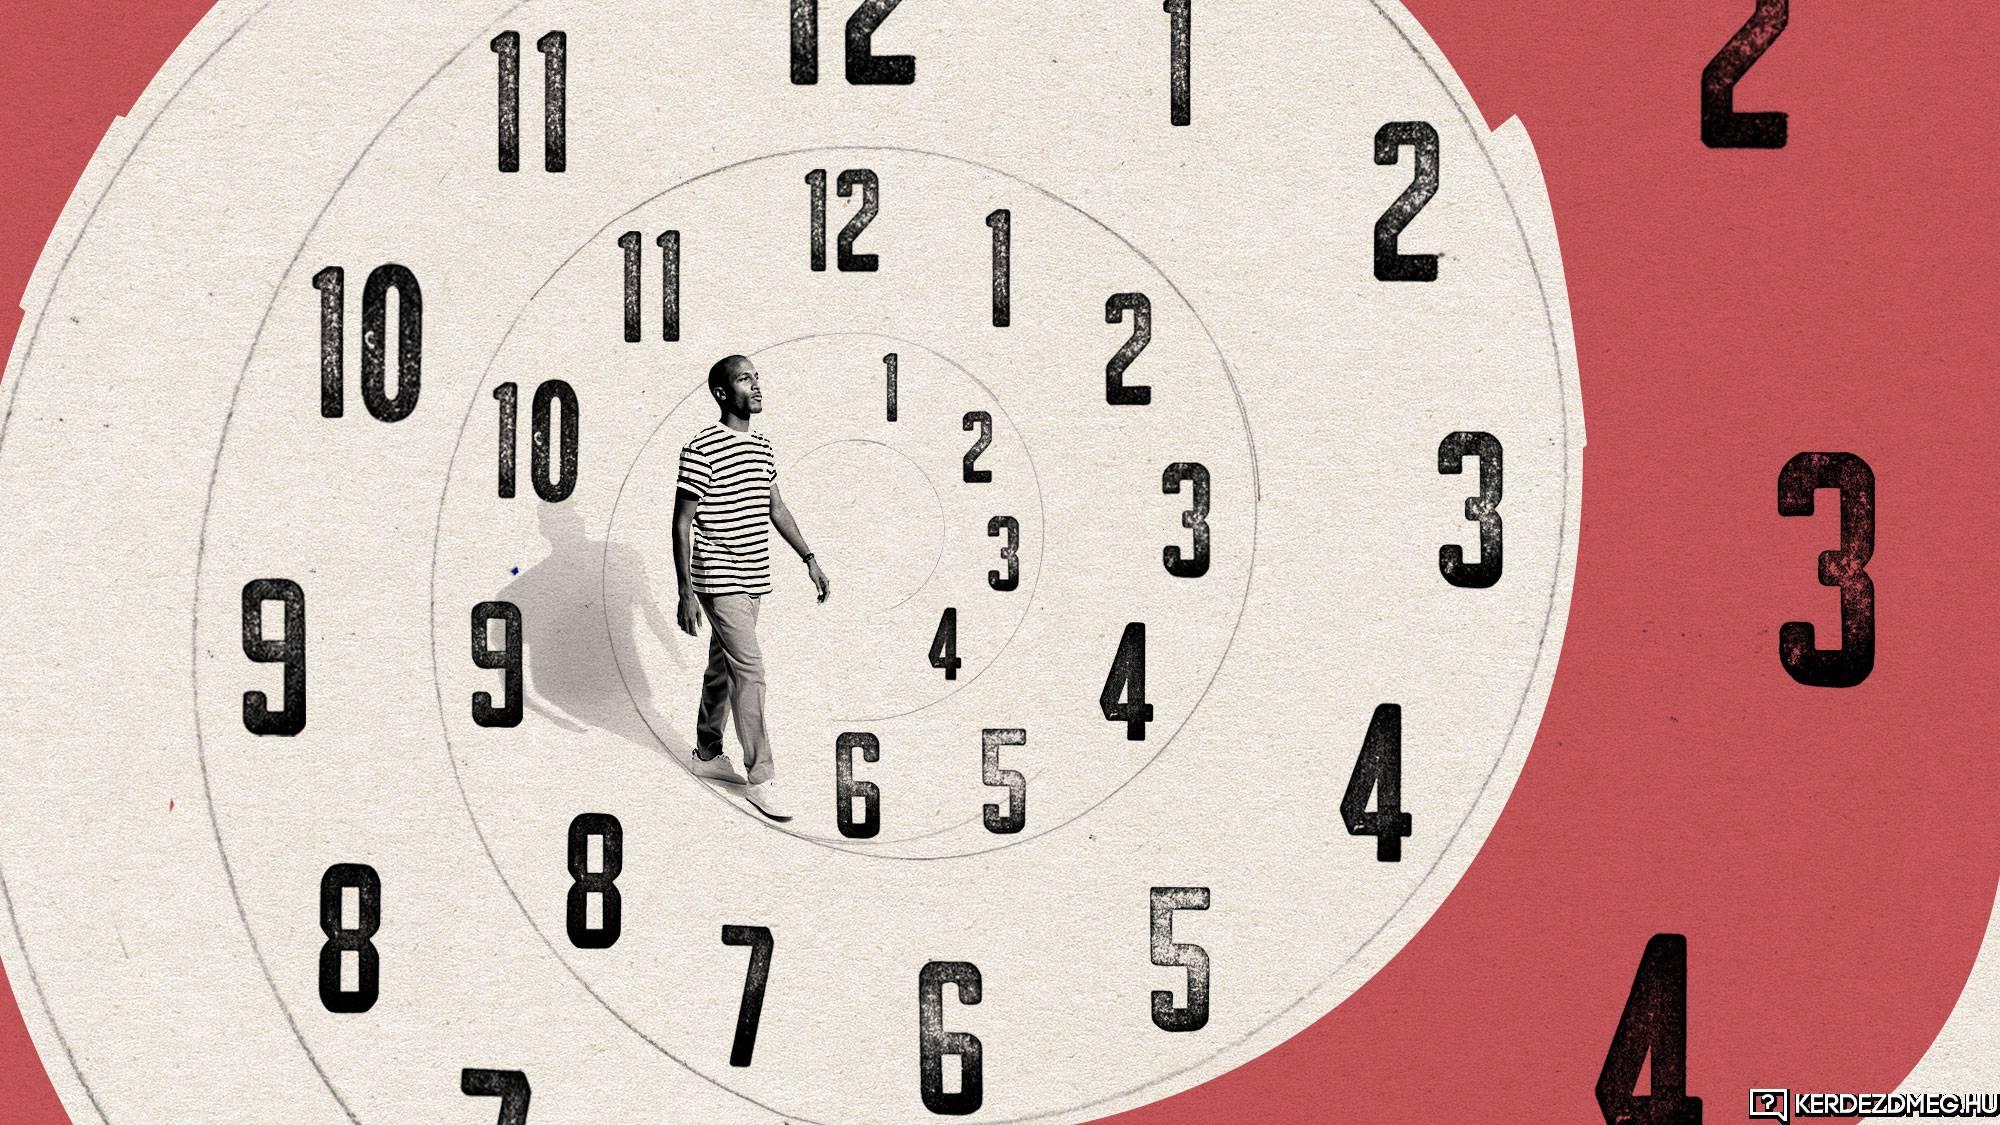 RE: Órakkor vagy órakor? Hogyan írjuk helyesen?